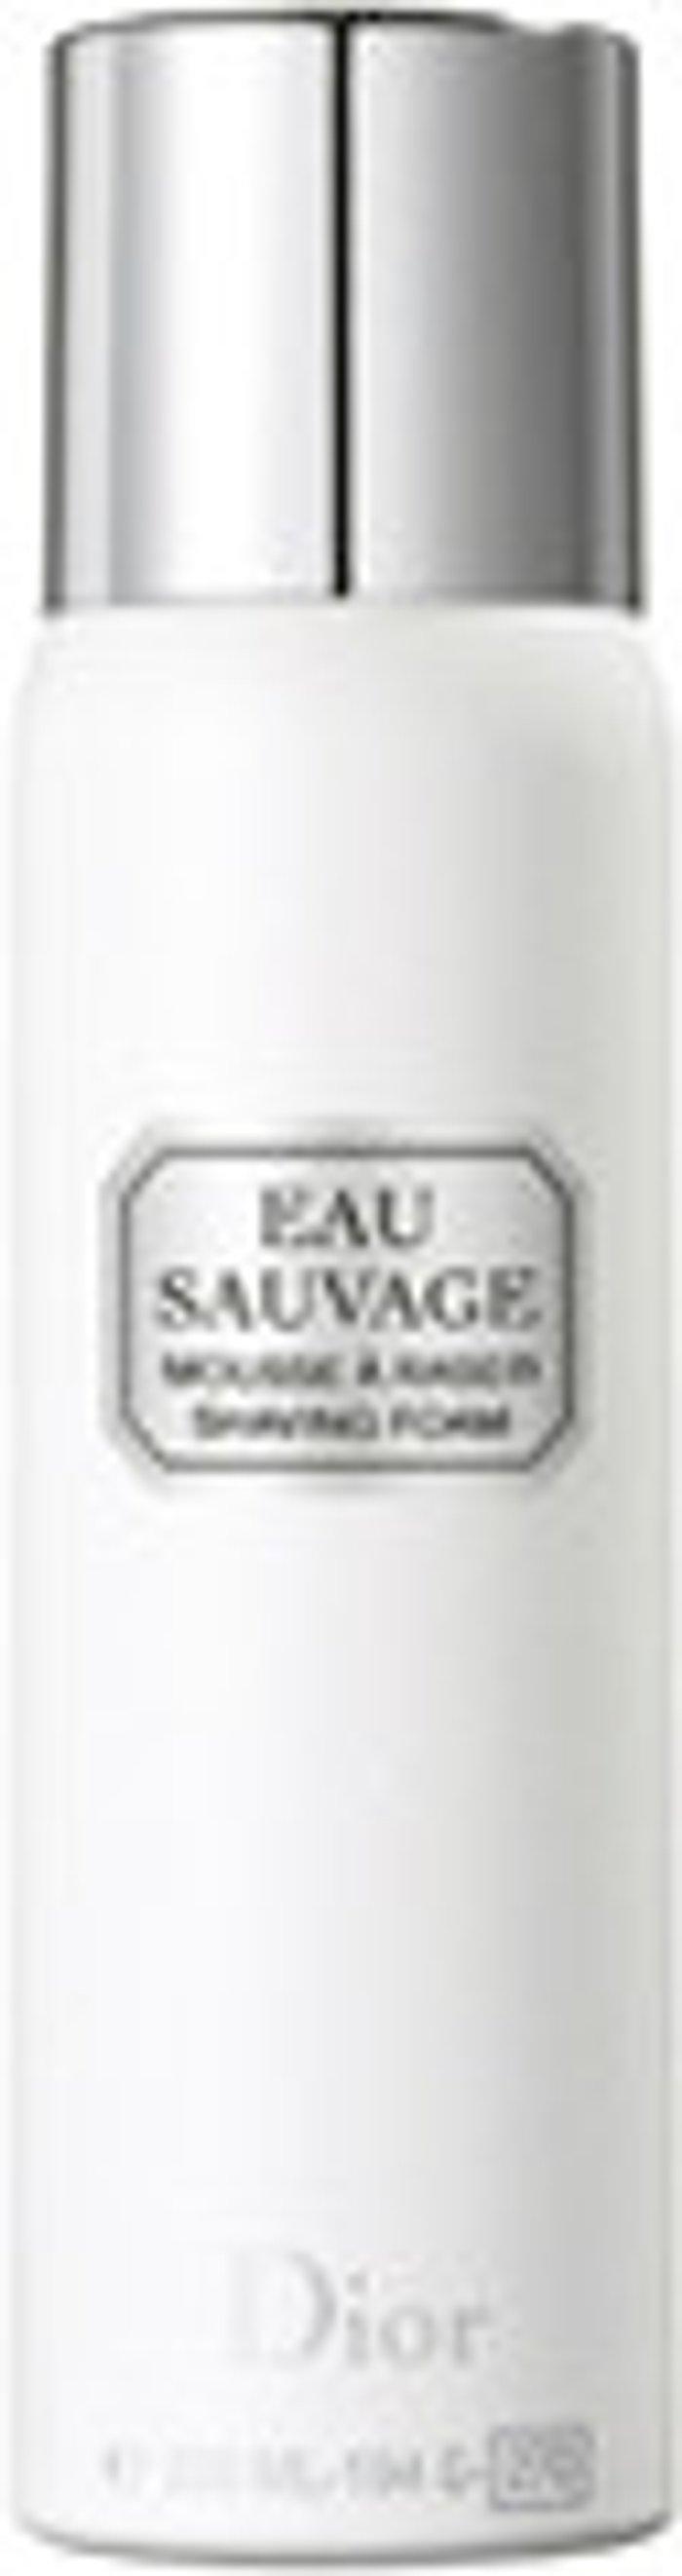 Dior Dior Eau Sauvage Shaving Foam (200 ml)